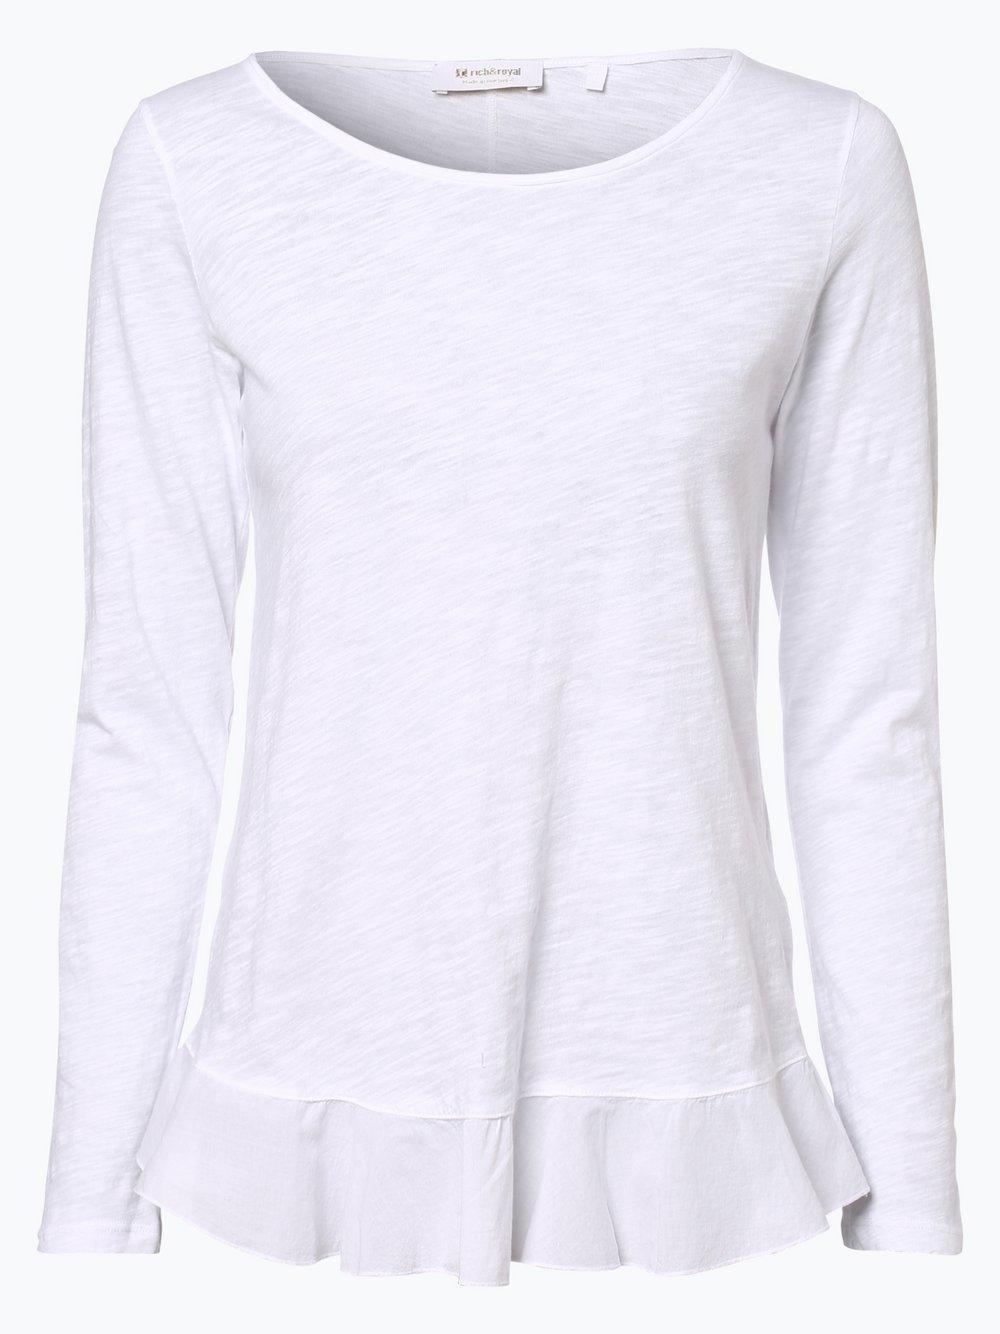 Rich & Royal - Damska koszulka z długim rękawem, biały